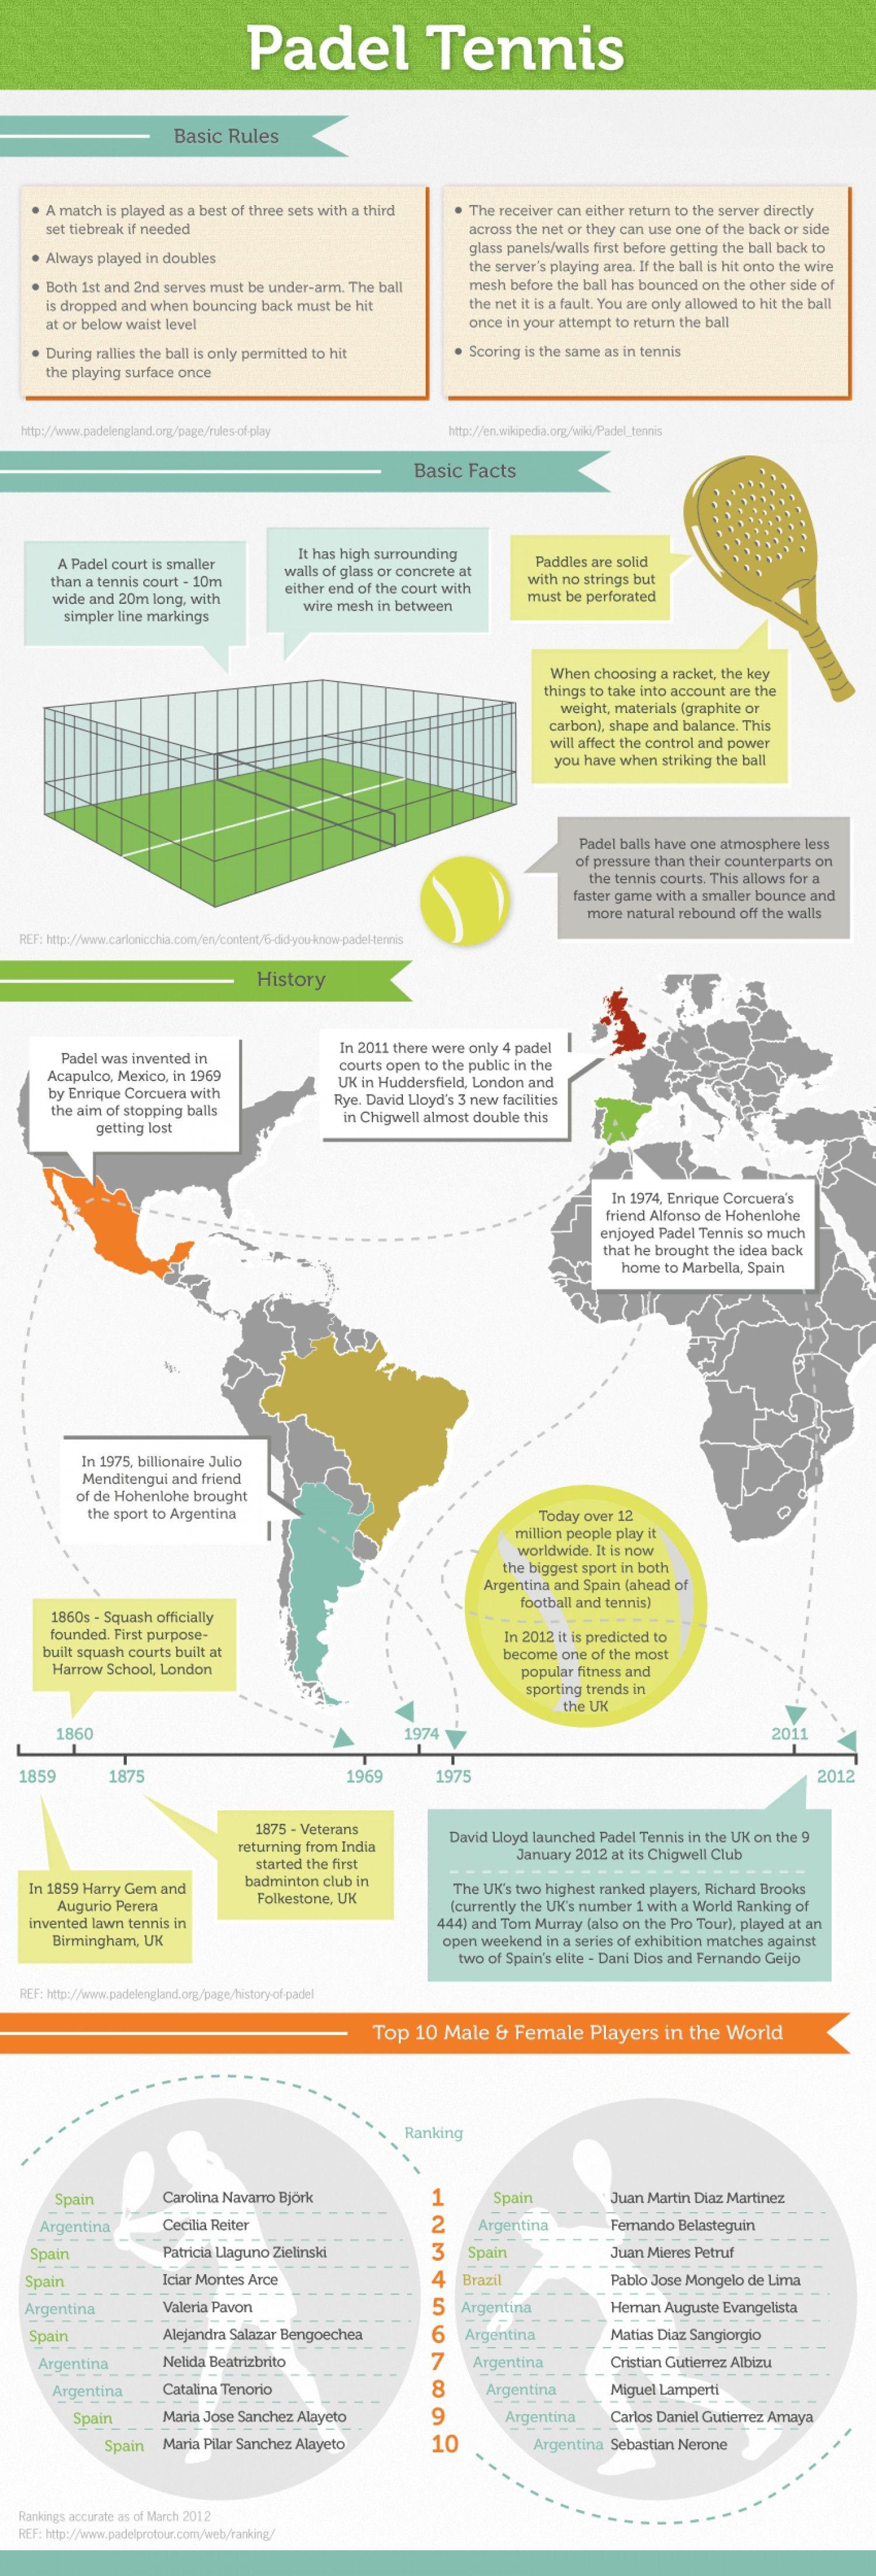 Padel Tennis Infographic Con Imagenes Padel Tenis Padel Tenis